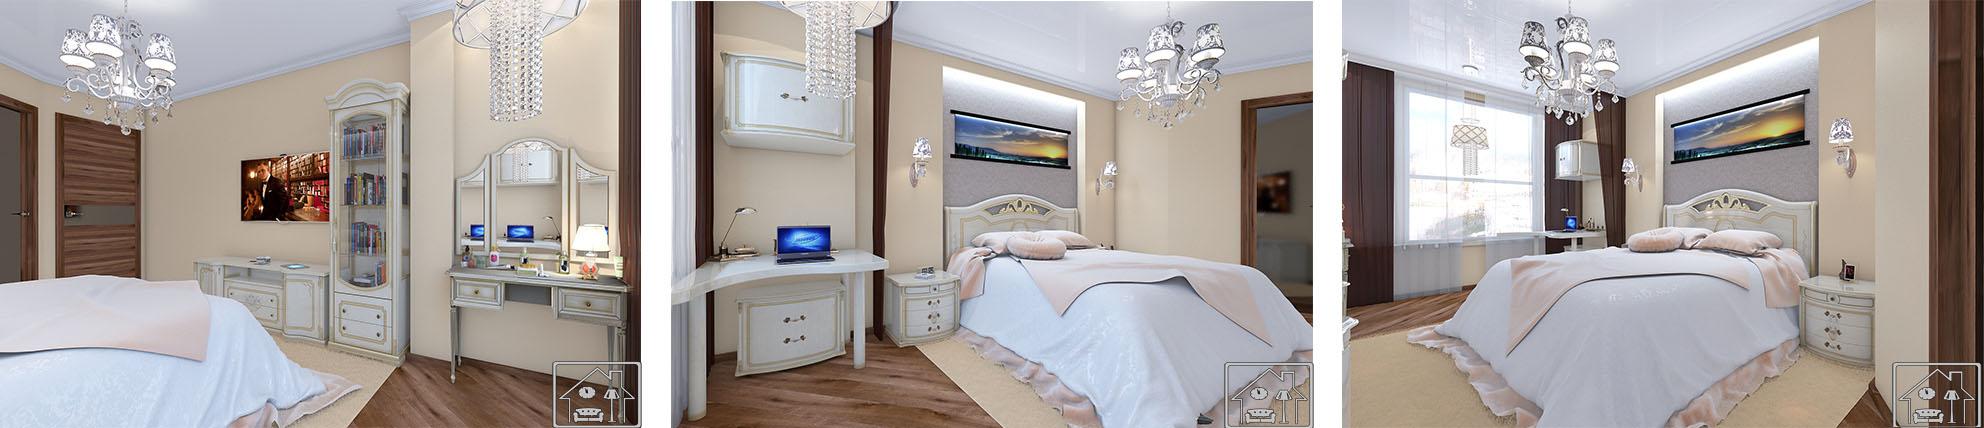 Спальня КЛАССИКА СВЕТЛАЯ МИАС